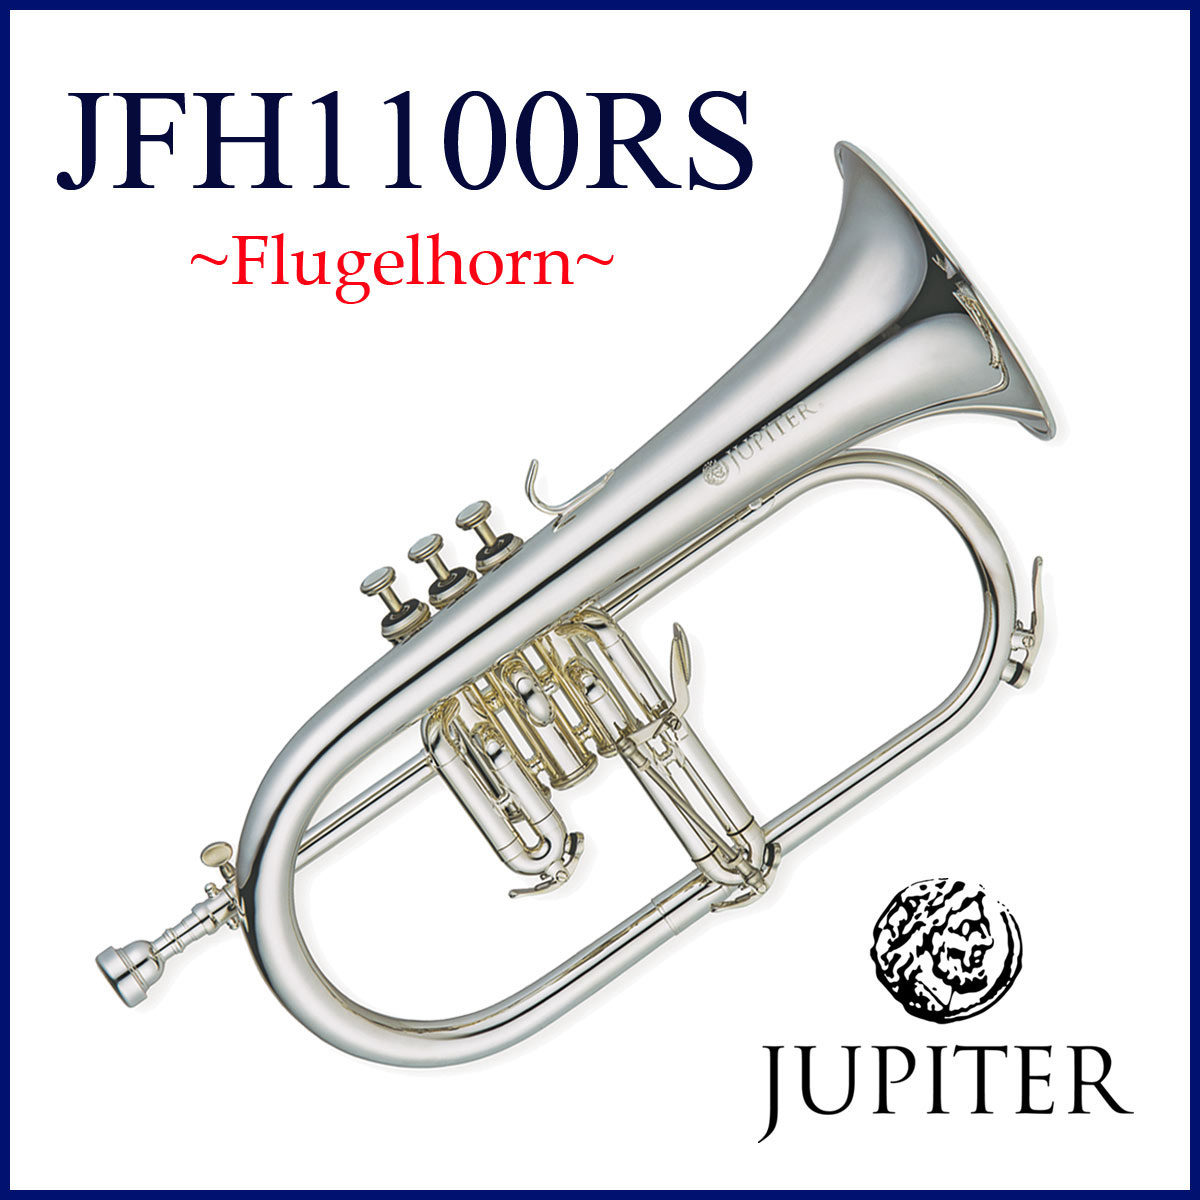 JUPITER / JFH-1100RS ジュピターフリューゲルホルン ローズブラスベル シルバーメッキ仕上げ《お取り寄せ》